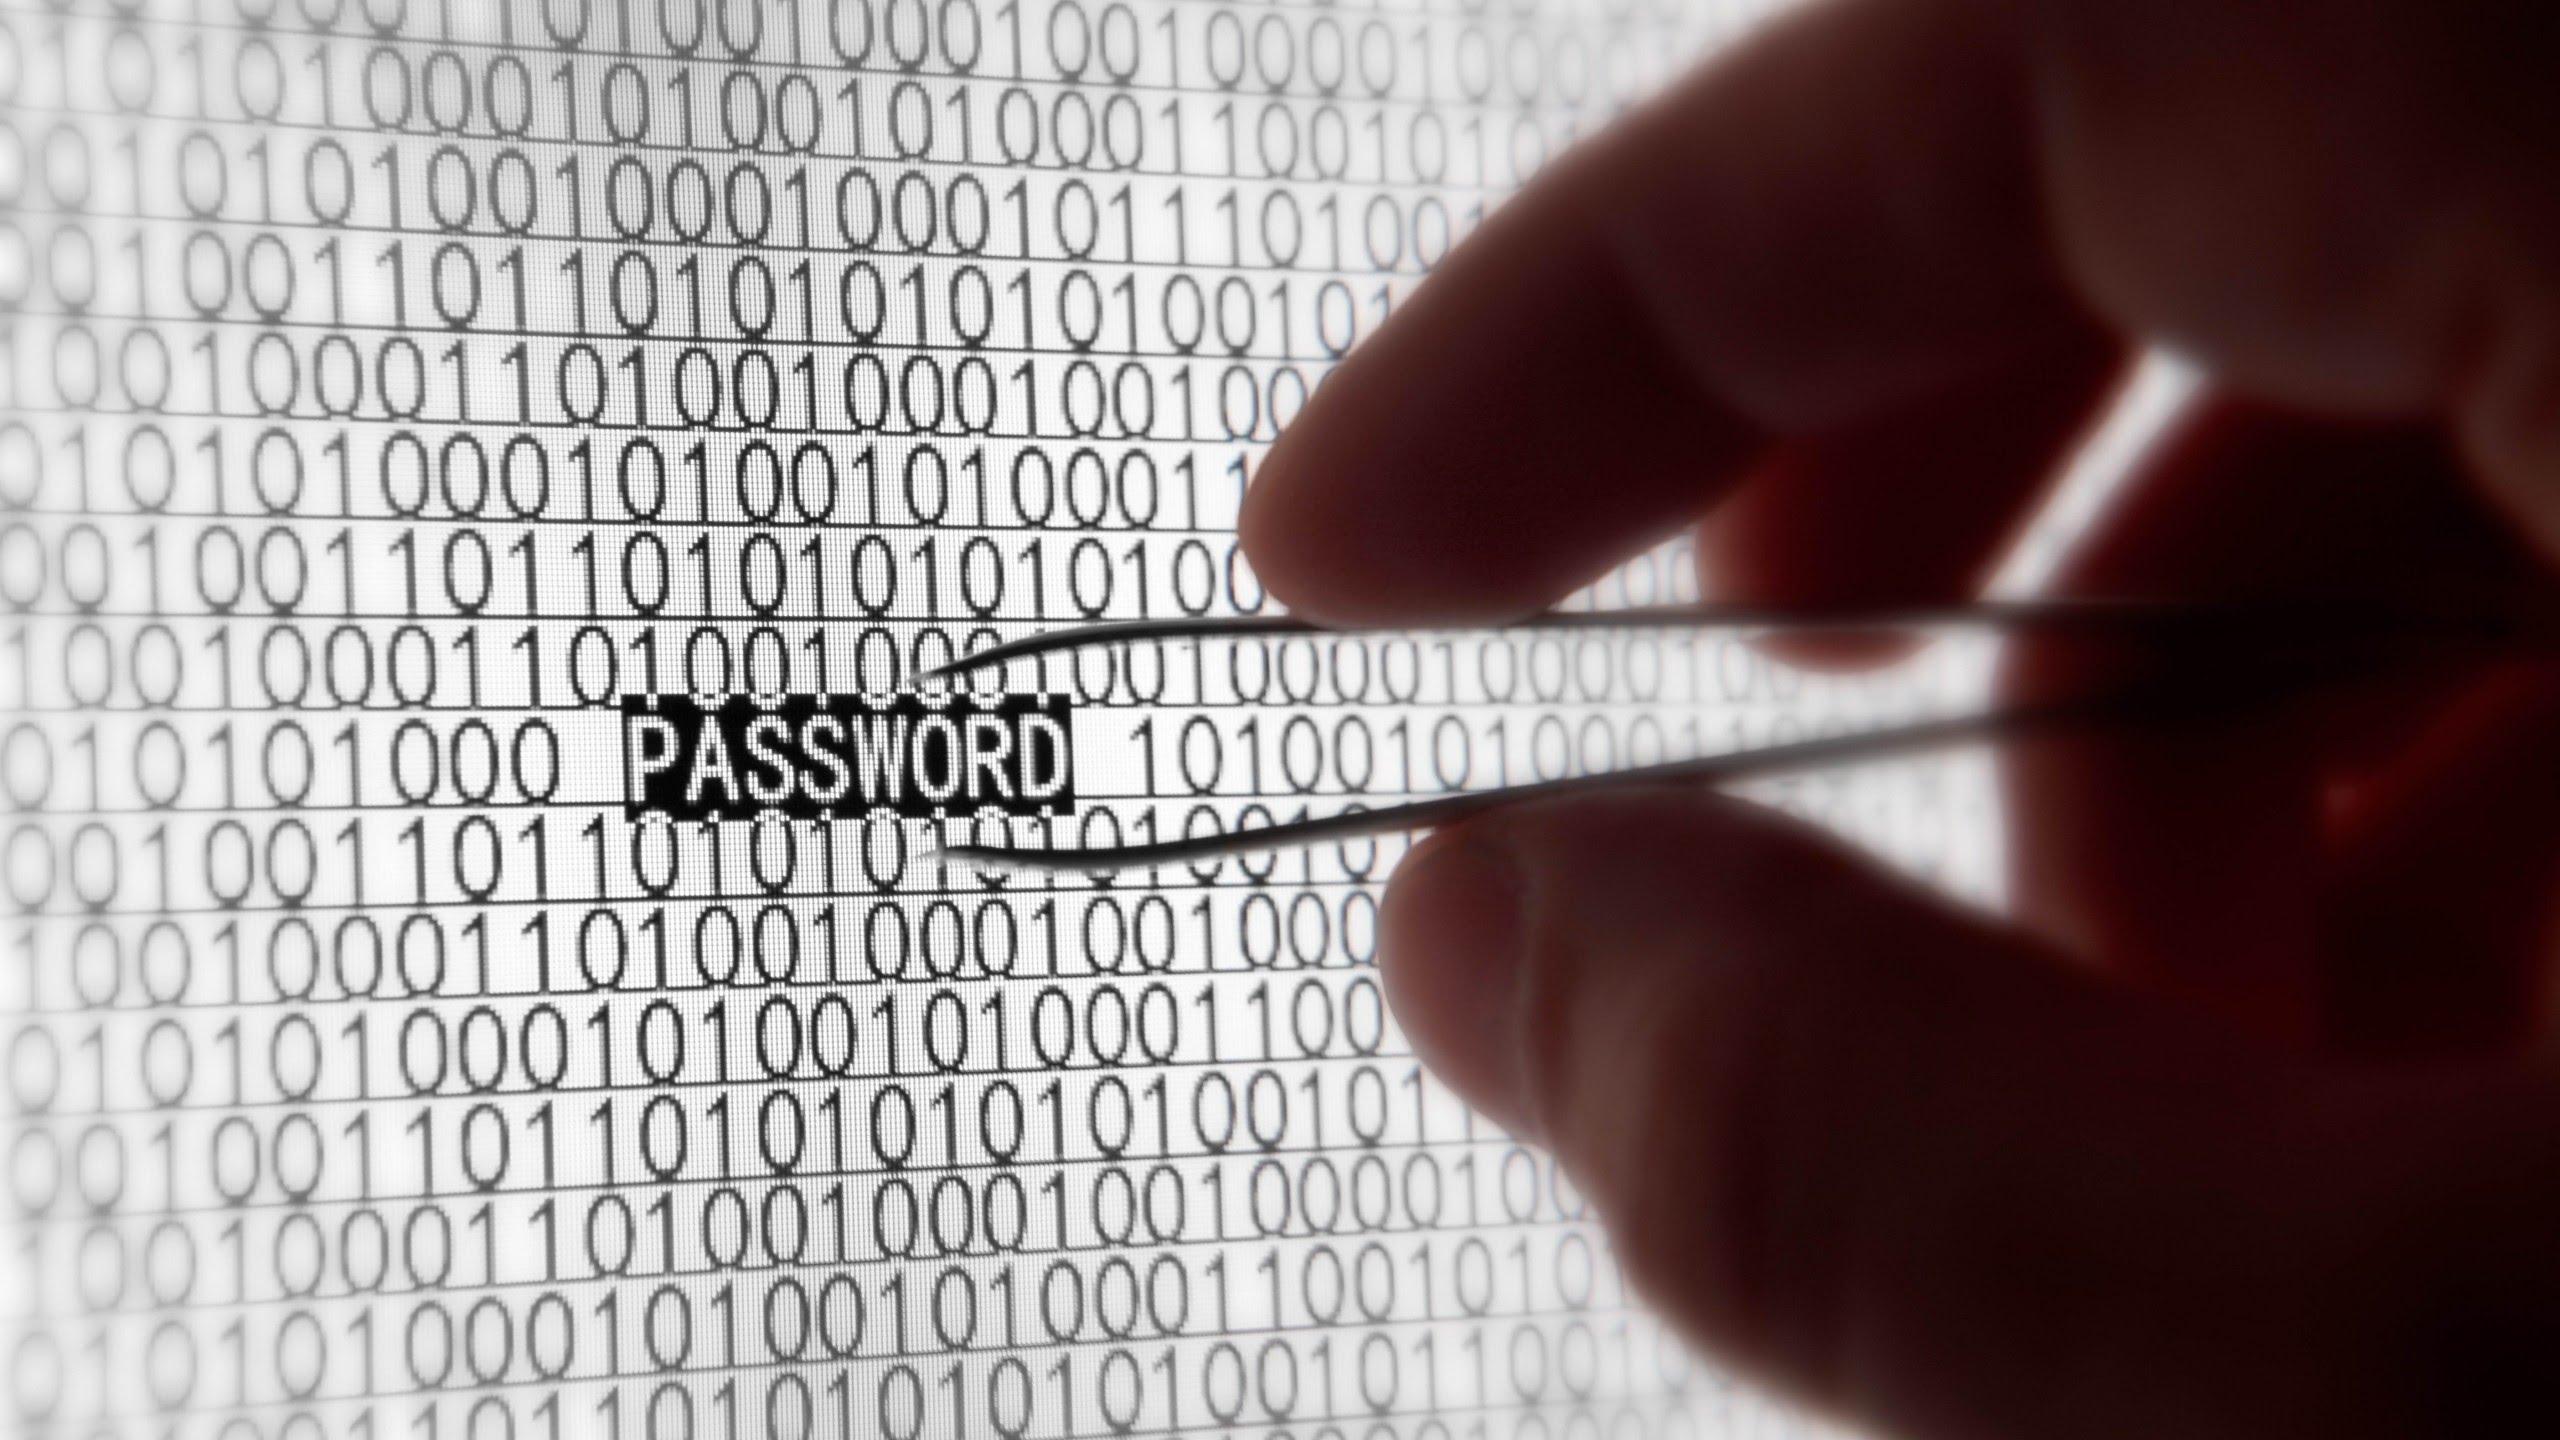 رمزهای کاربرها رو امن ذخیره کنید!